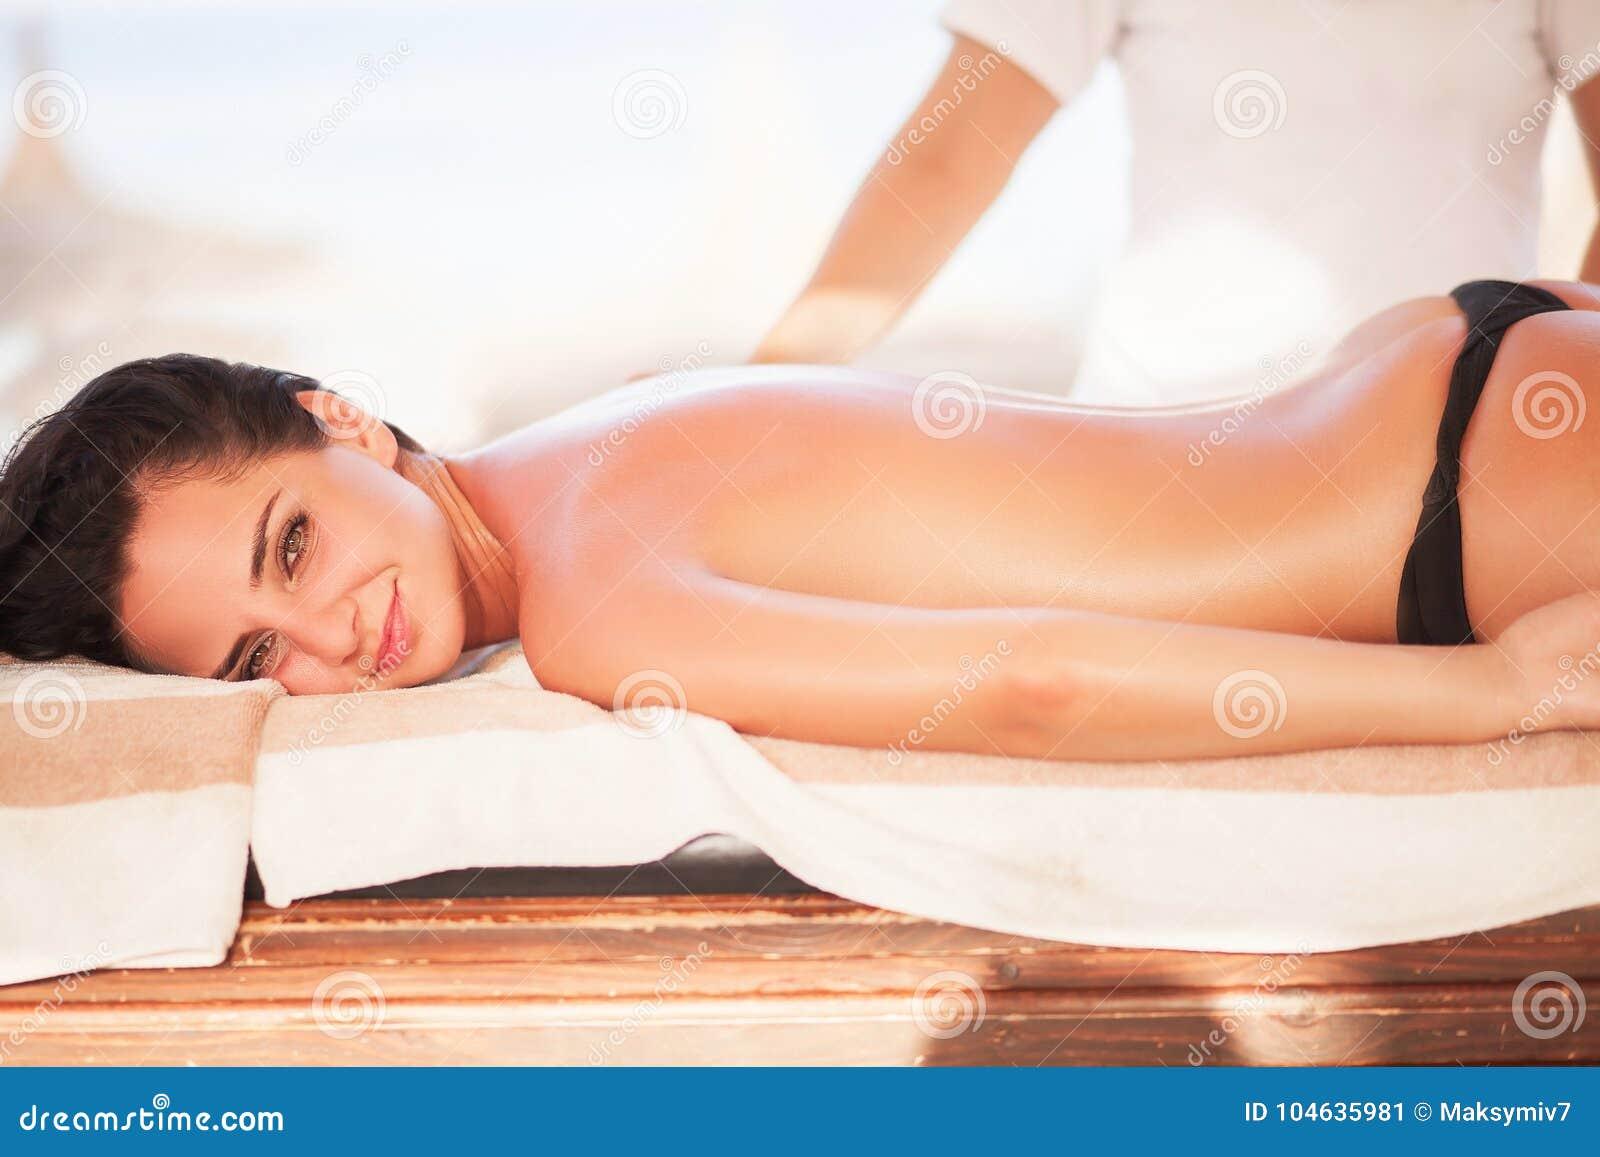 Download Kuuroord De Mooie Vrouw Krijgt Massage Op Zonnig Strand Ontspan Op Vacati Stock Afbeelding - Afbeelding bestaande uit massage, krijg: 104635981